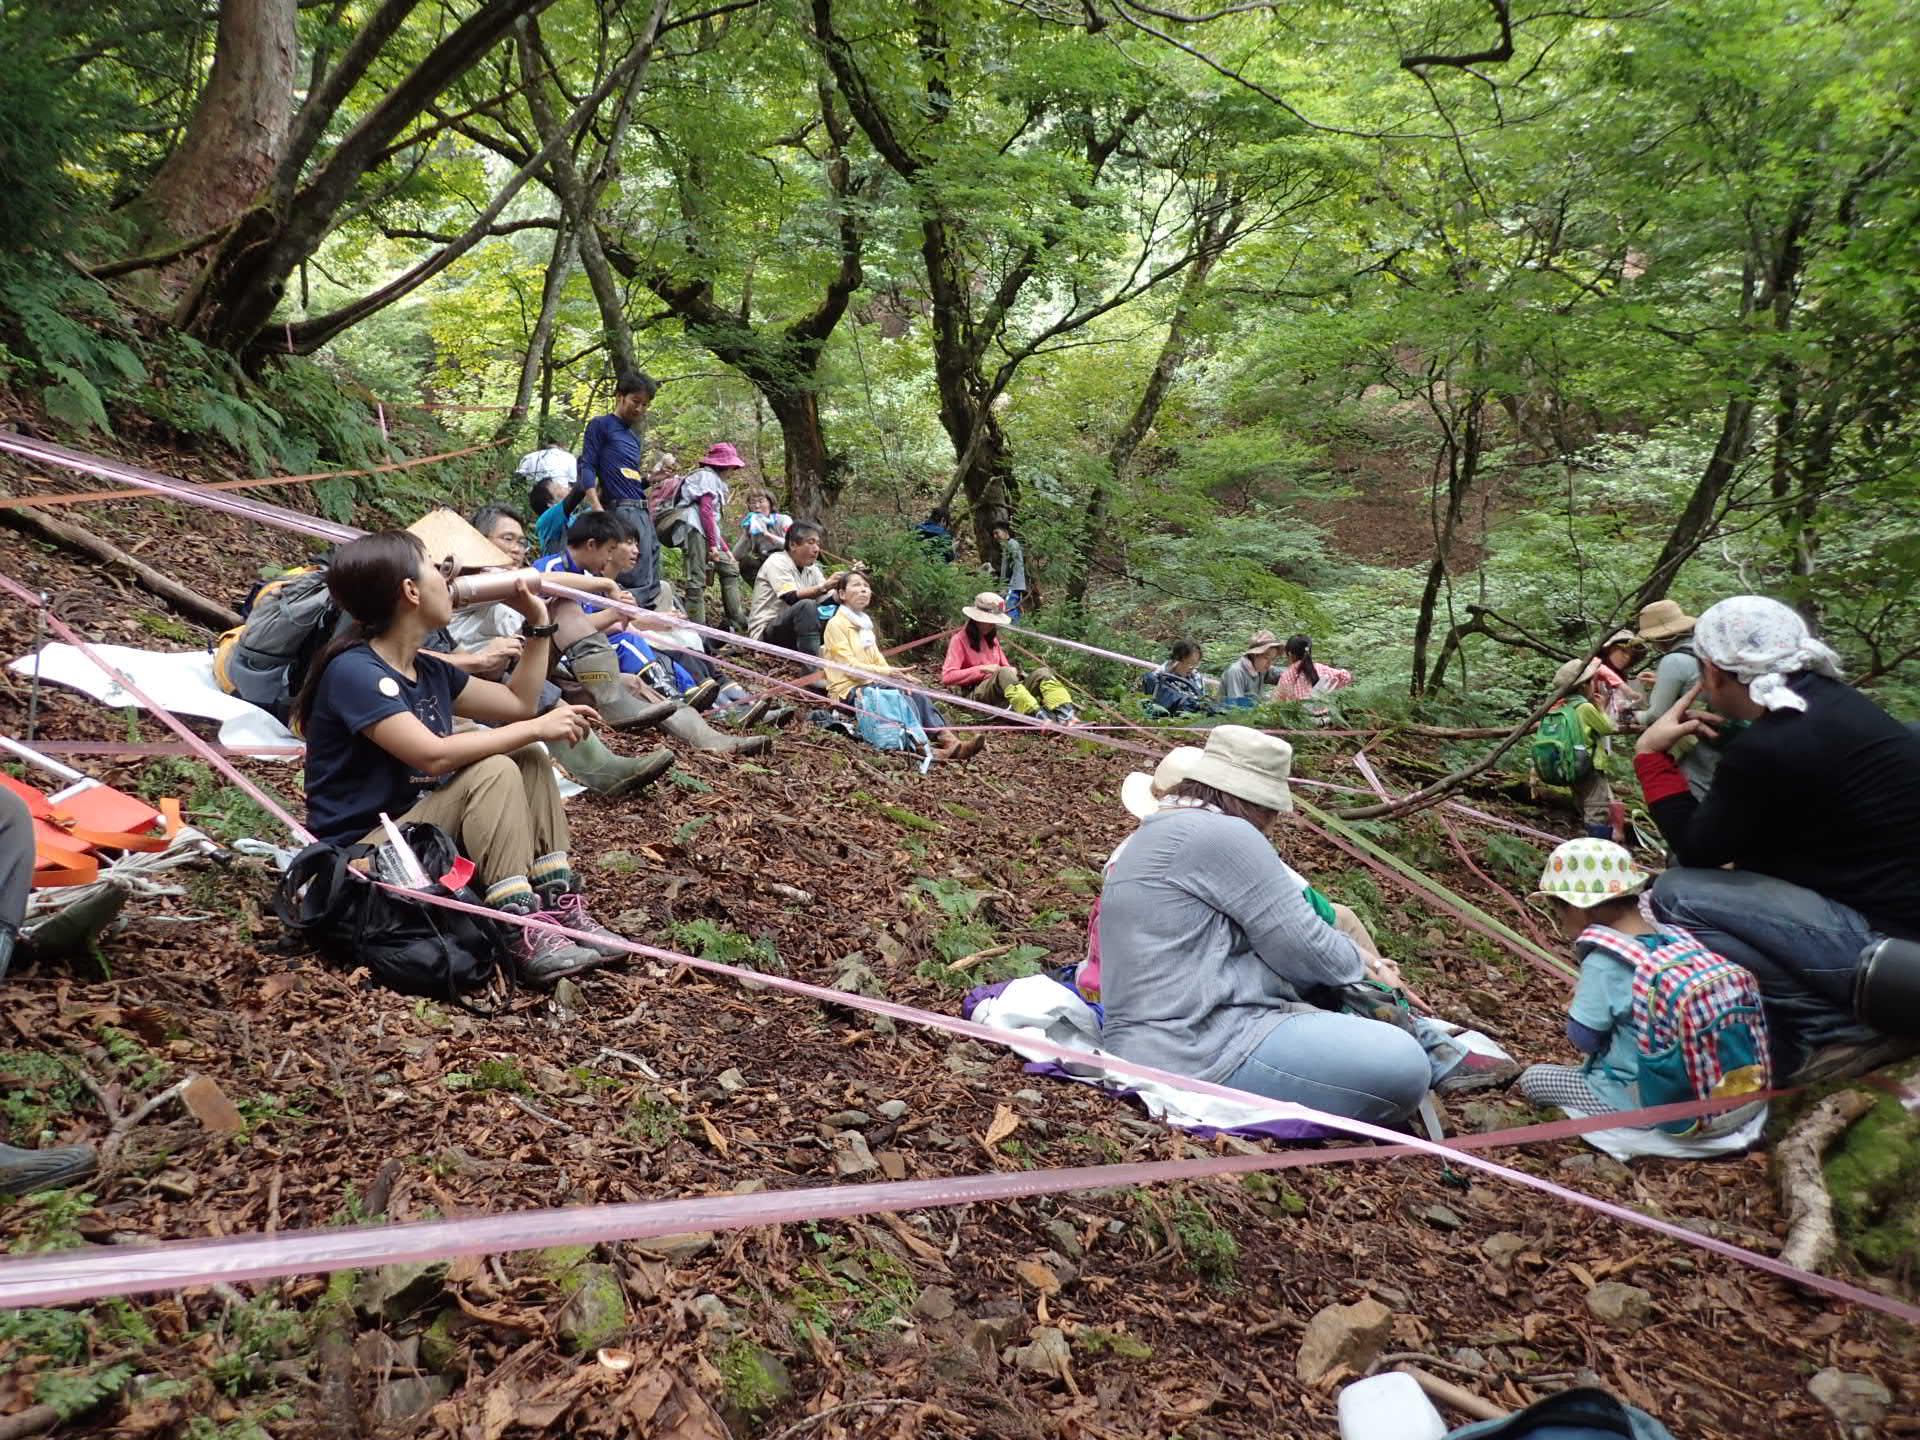 栃の木のふもとでお昼休憩